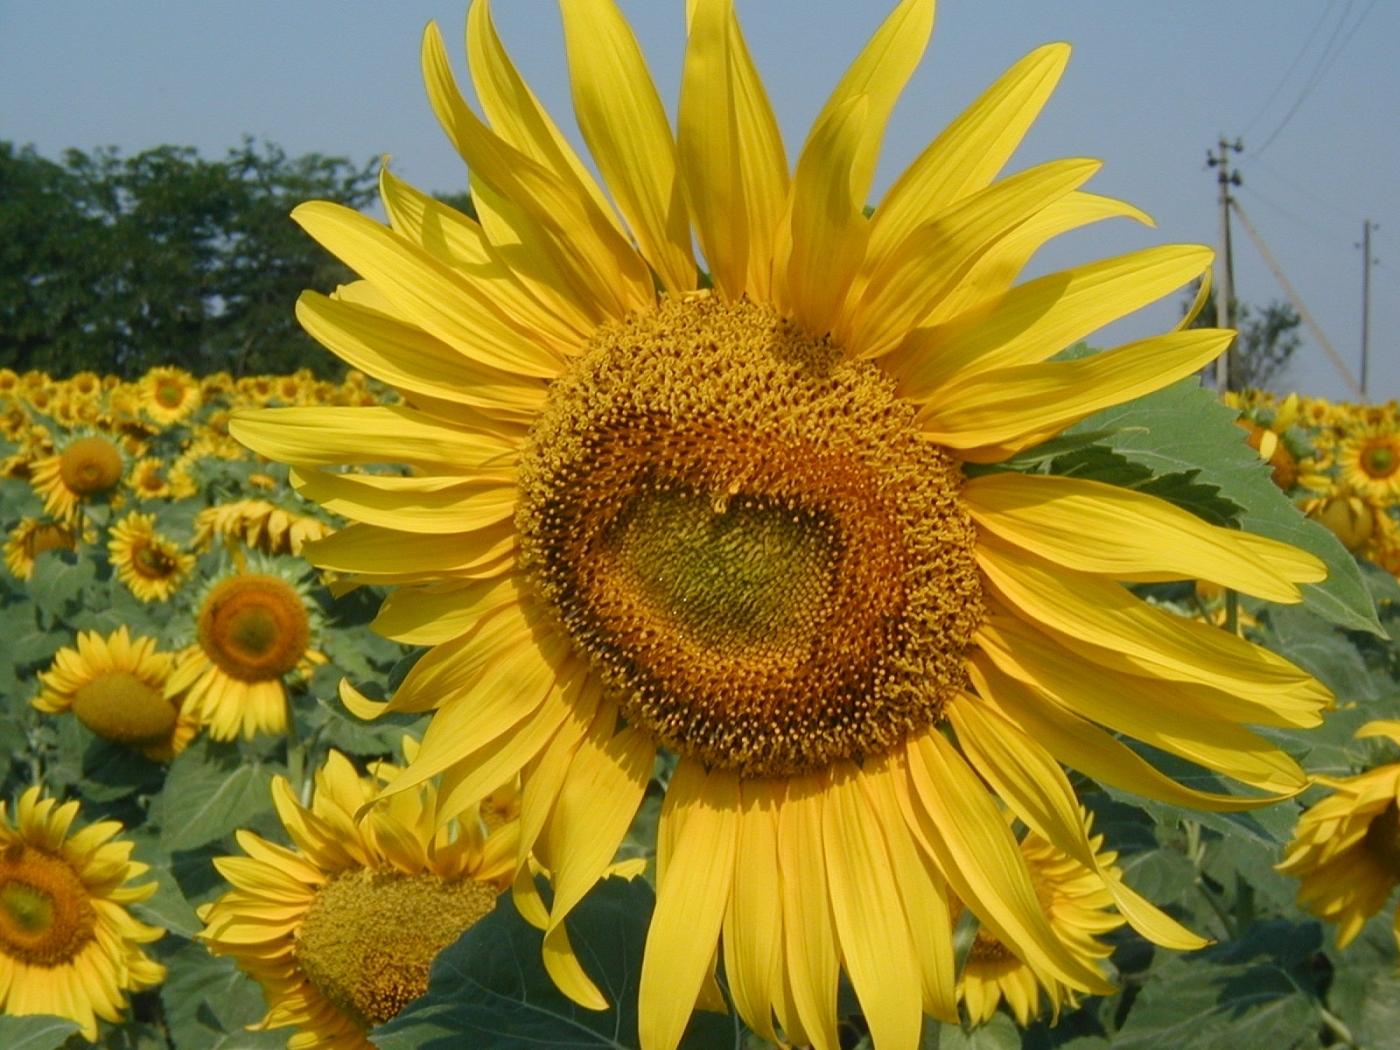 23473 скачать обои Растения, Цветы, Подсолнухи - заставки и картинки бесплатно